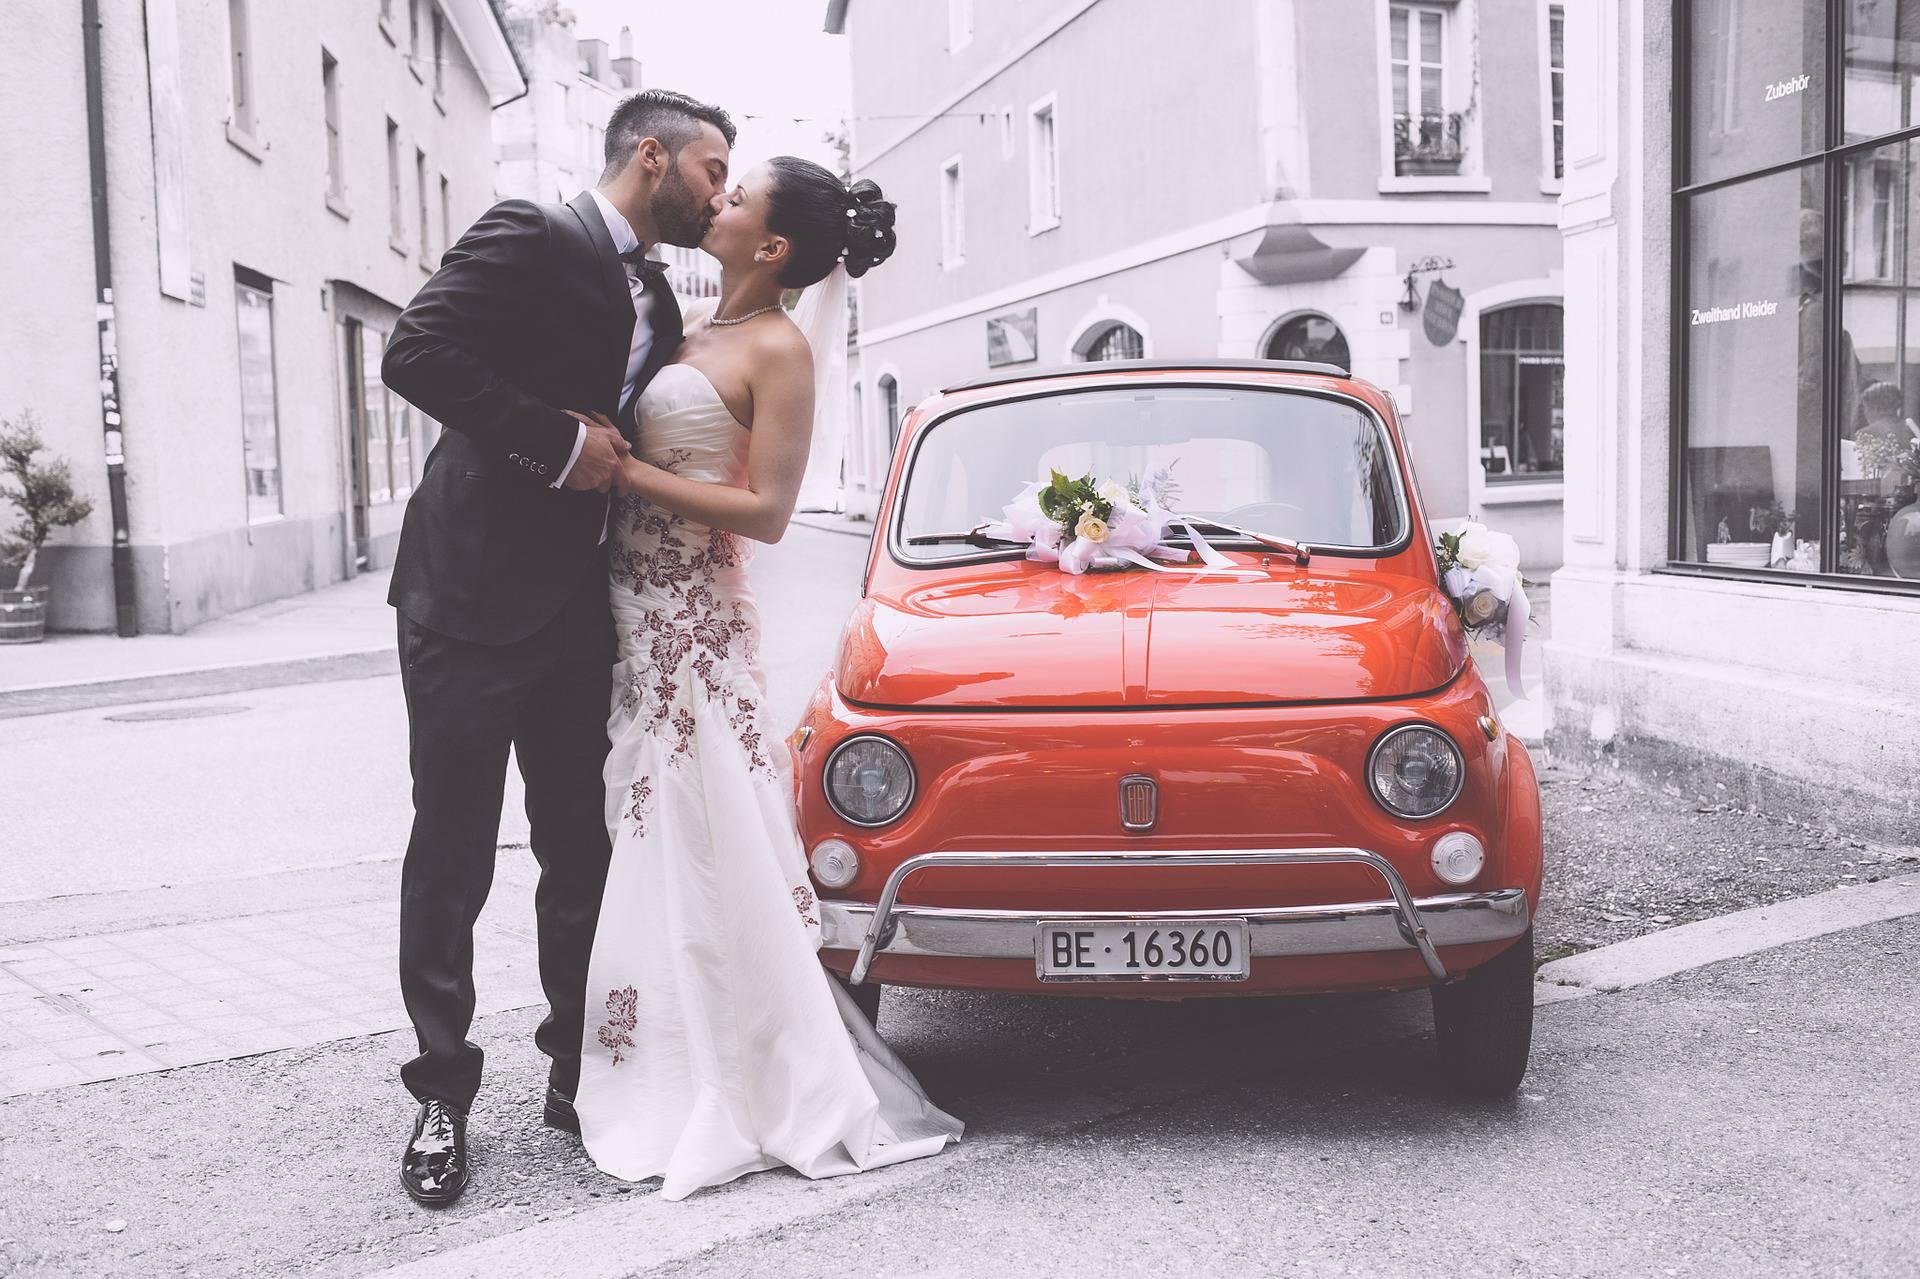 Muškarci su otkrili: Ove vrline ima žena koju bi voljeli oženiti